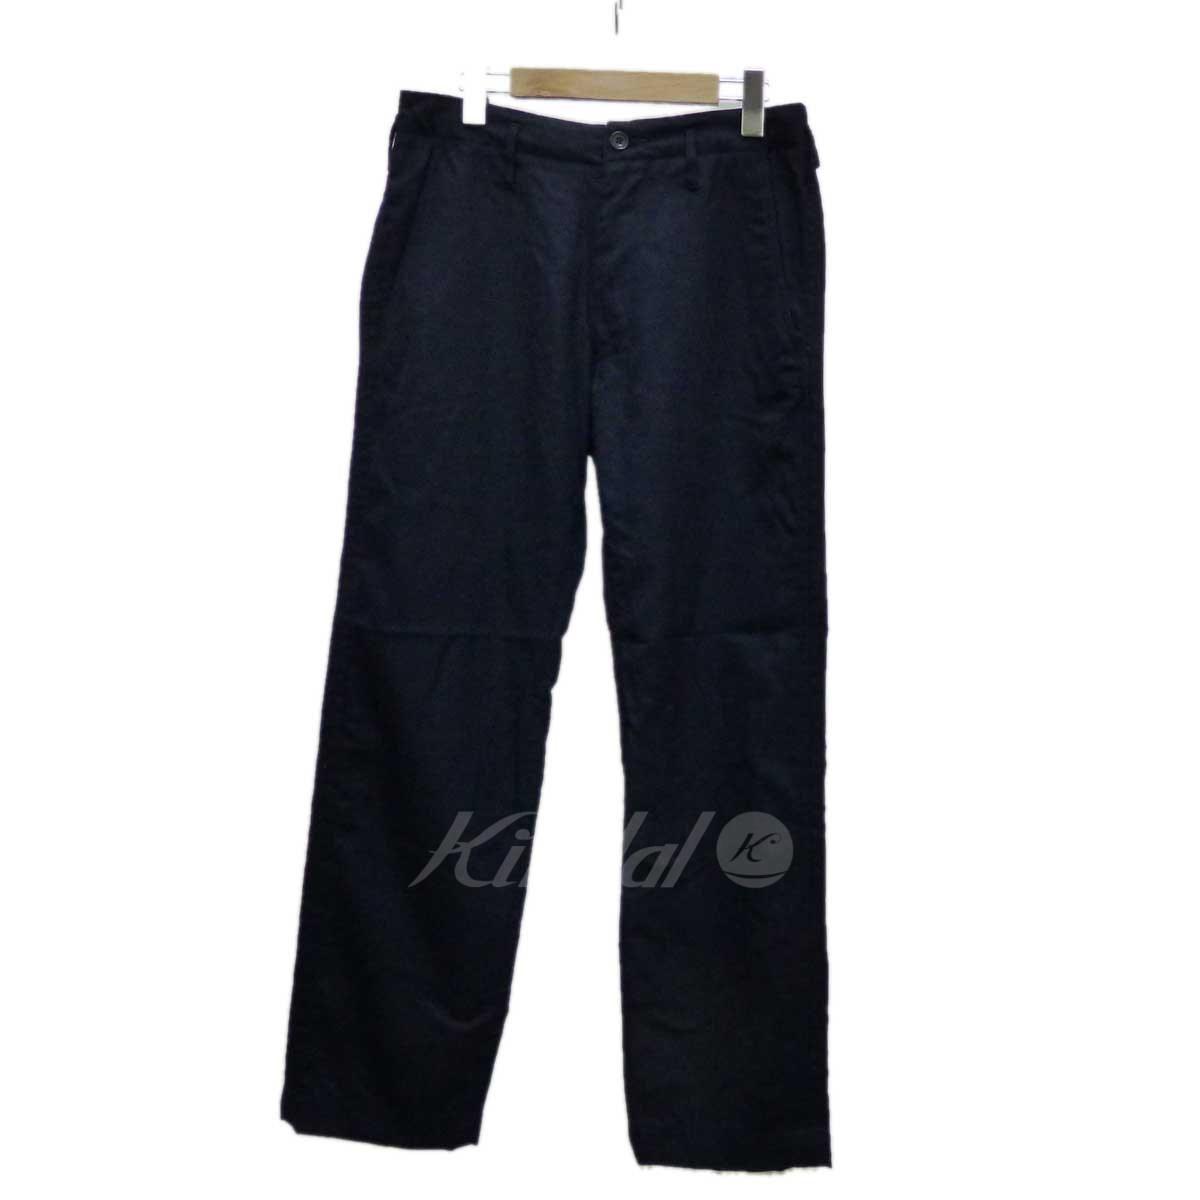 【中古】MOJITO ウールパンツ ネイビー サイズ:M 【送料無料】 【110219】(モヒート)